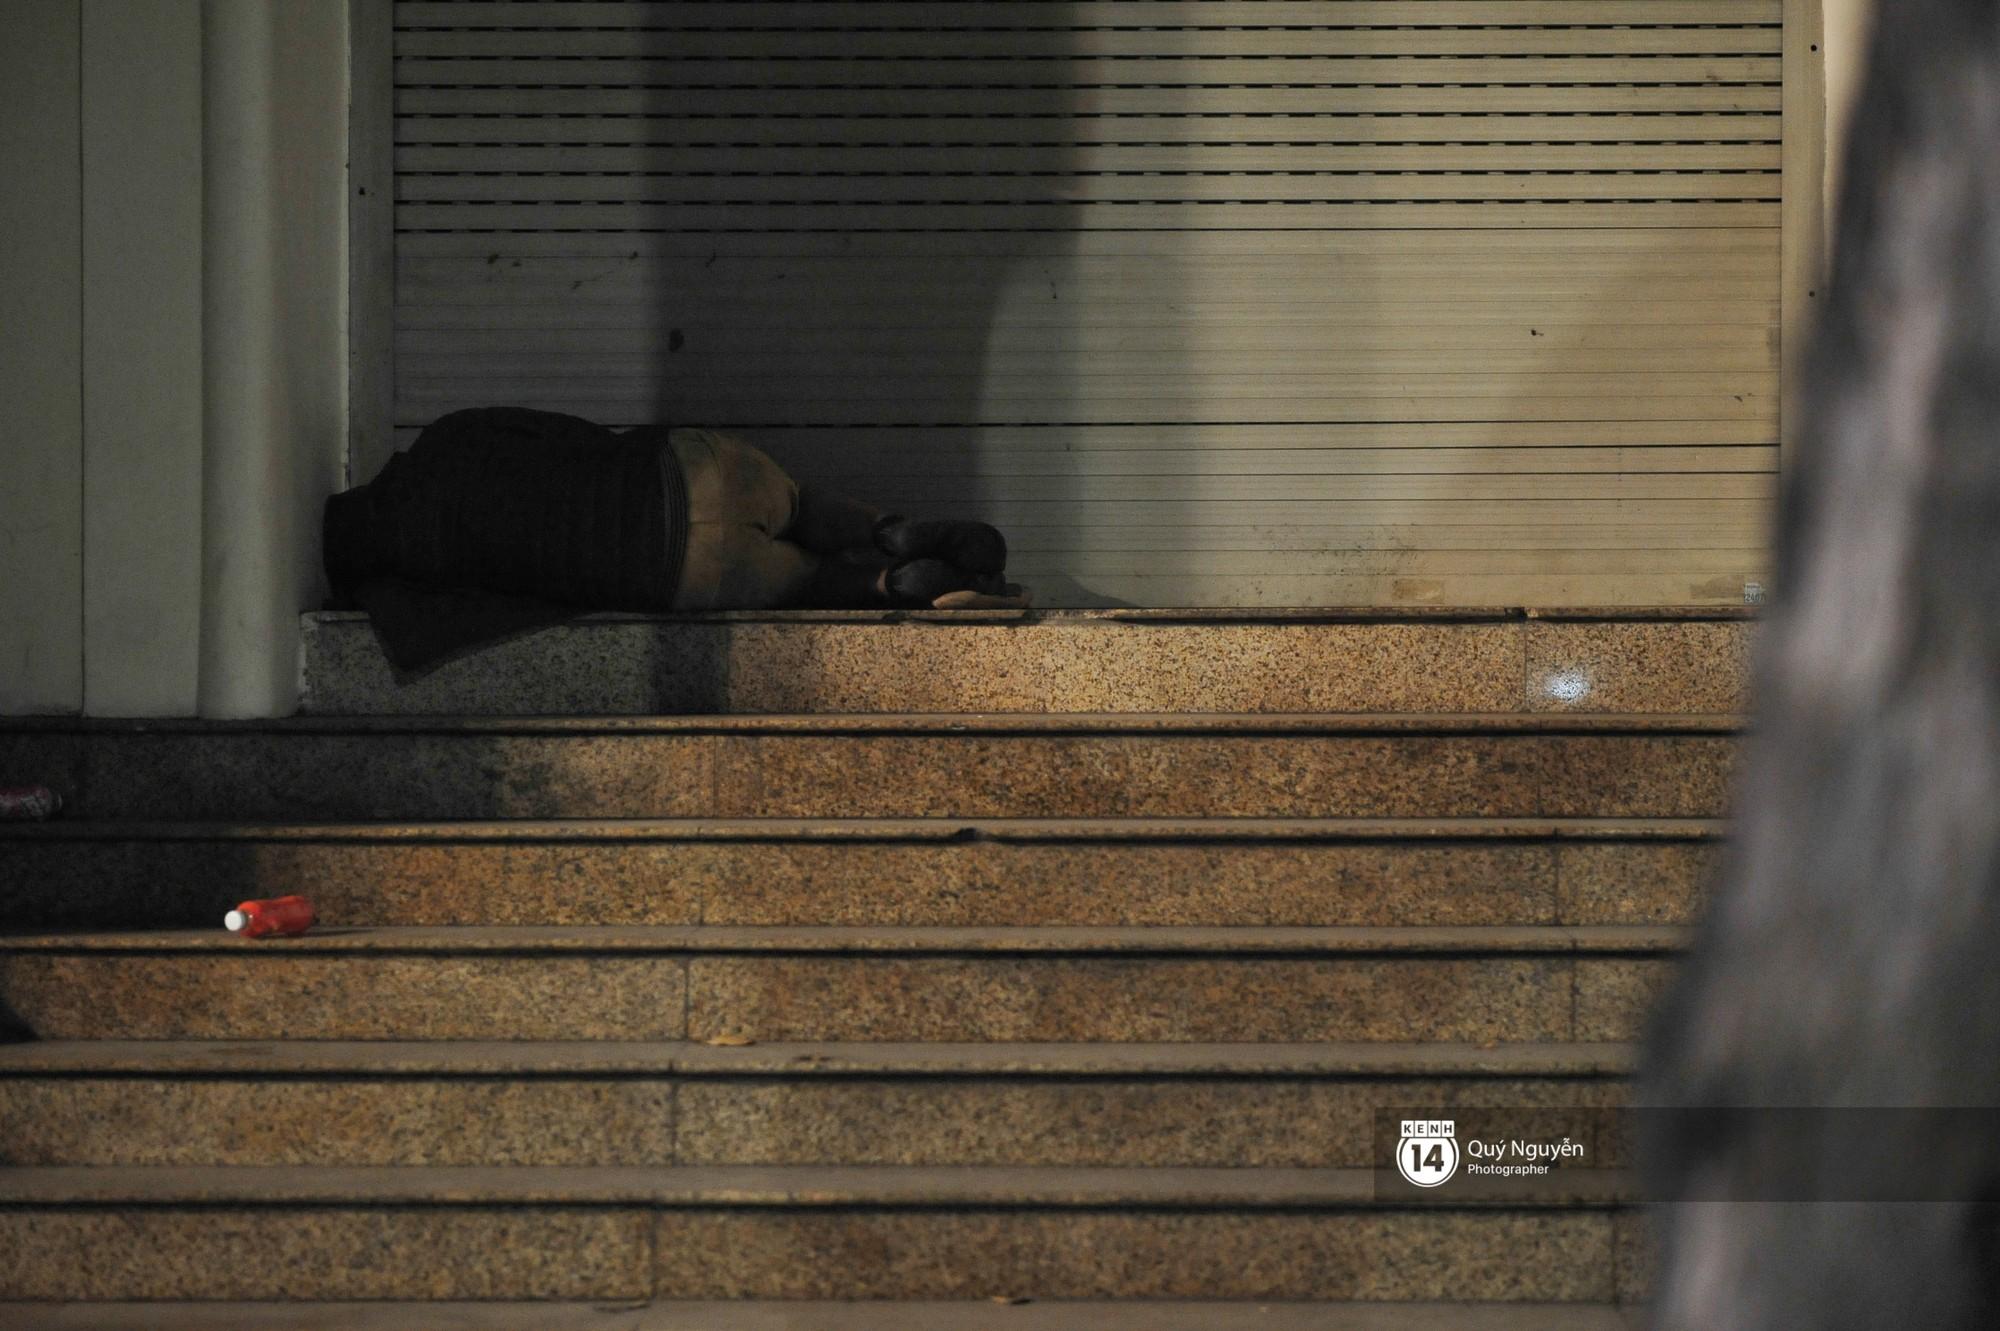 Chùm ảnh: Hà Nội giá rét 10 độ, một chiếc thùng carton hay manh áo mưa cũng khiến người lao động nghèo ấm hơn - Ảnh 26.